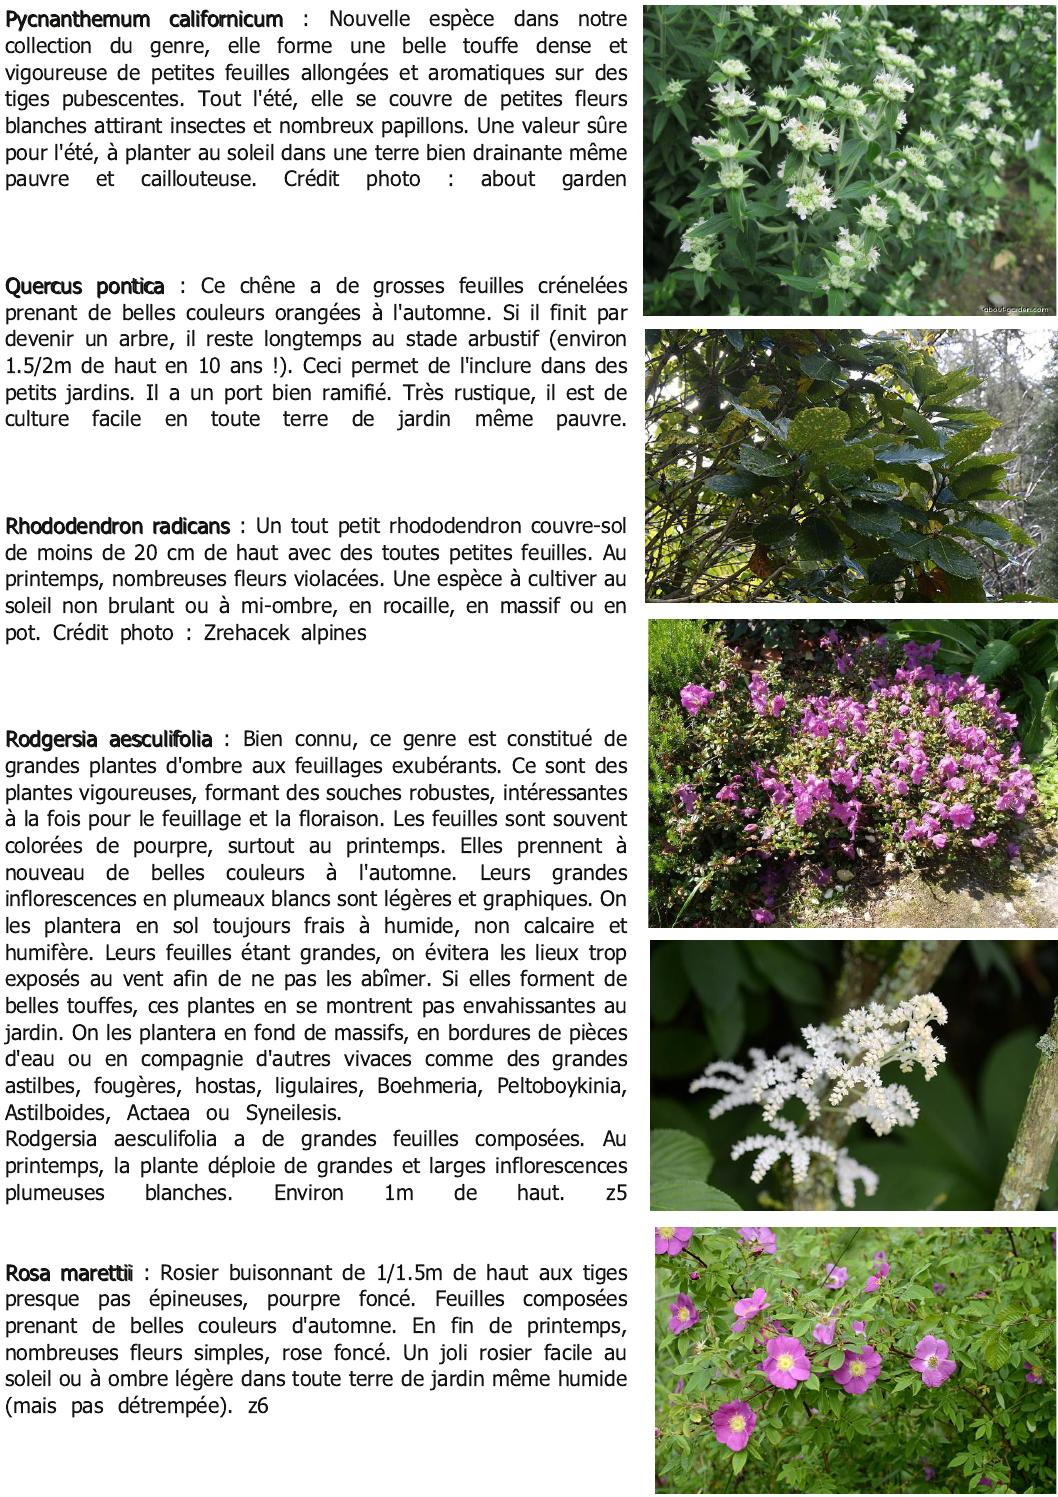 Bulletin La N'avette N°3 By Cedric Basset - Issuu destiné Arbre Pour Petit Jardin